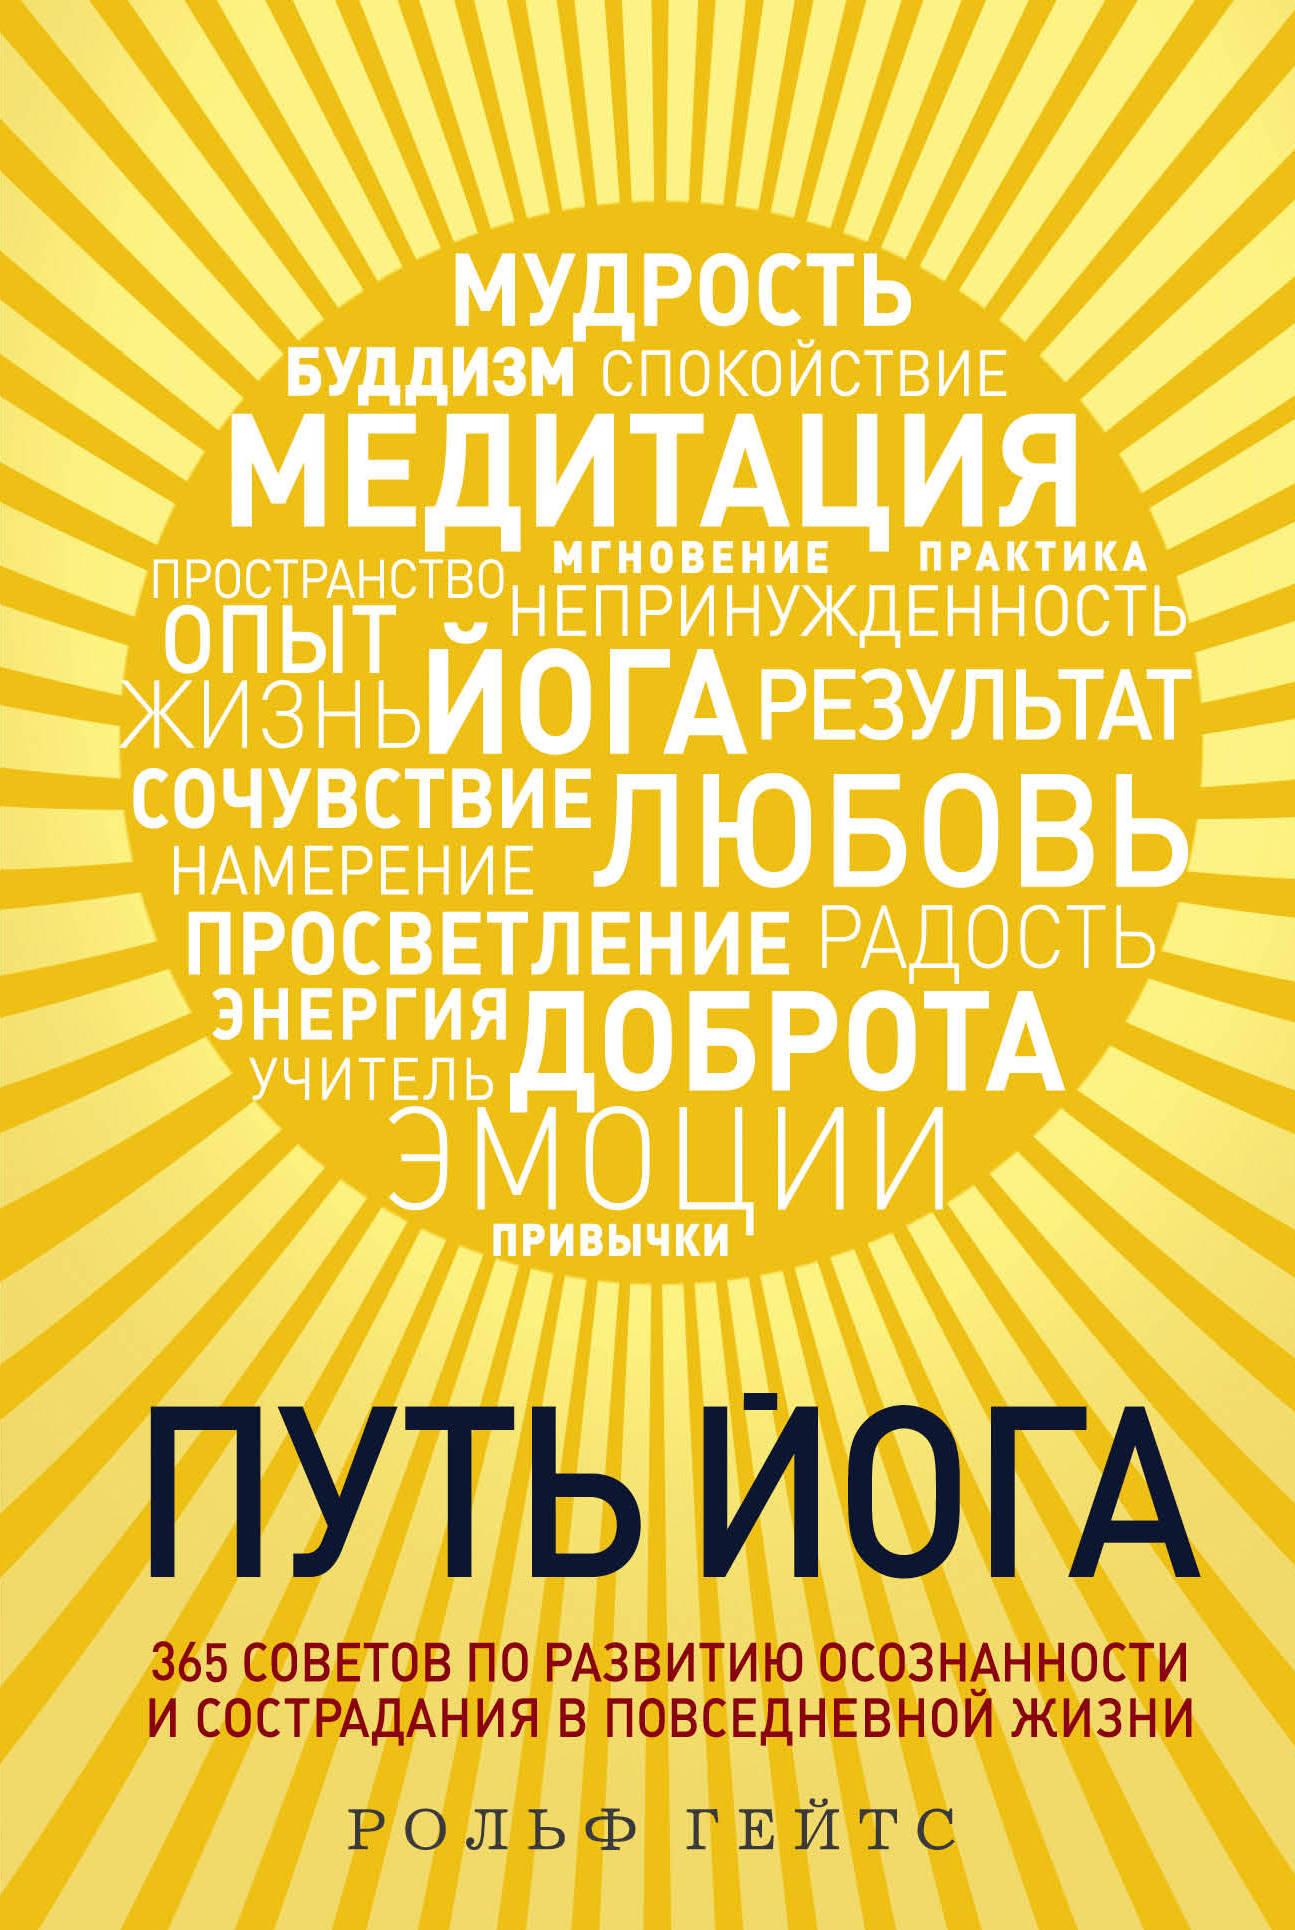 Путь йога. 365 советов по развитию осознанности и сострадания в повседневной жизни